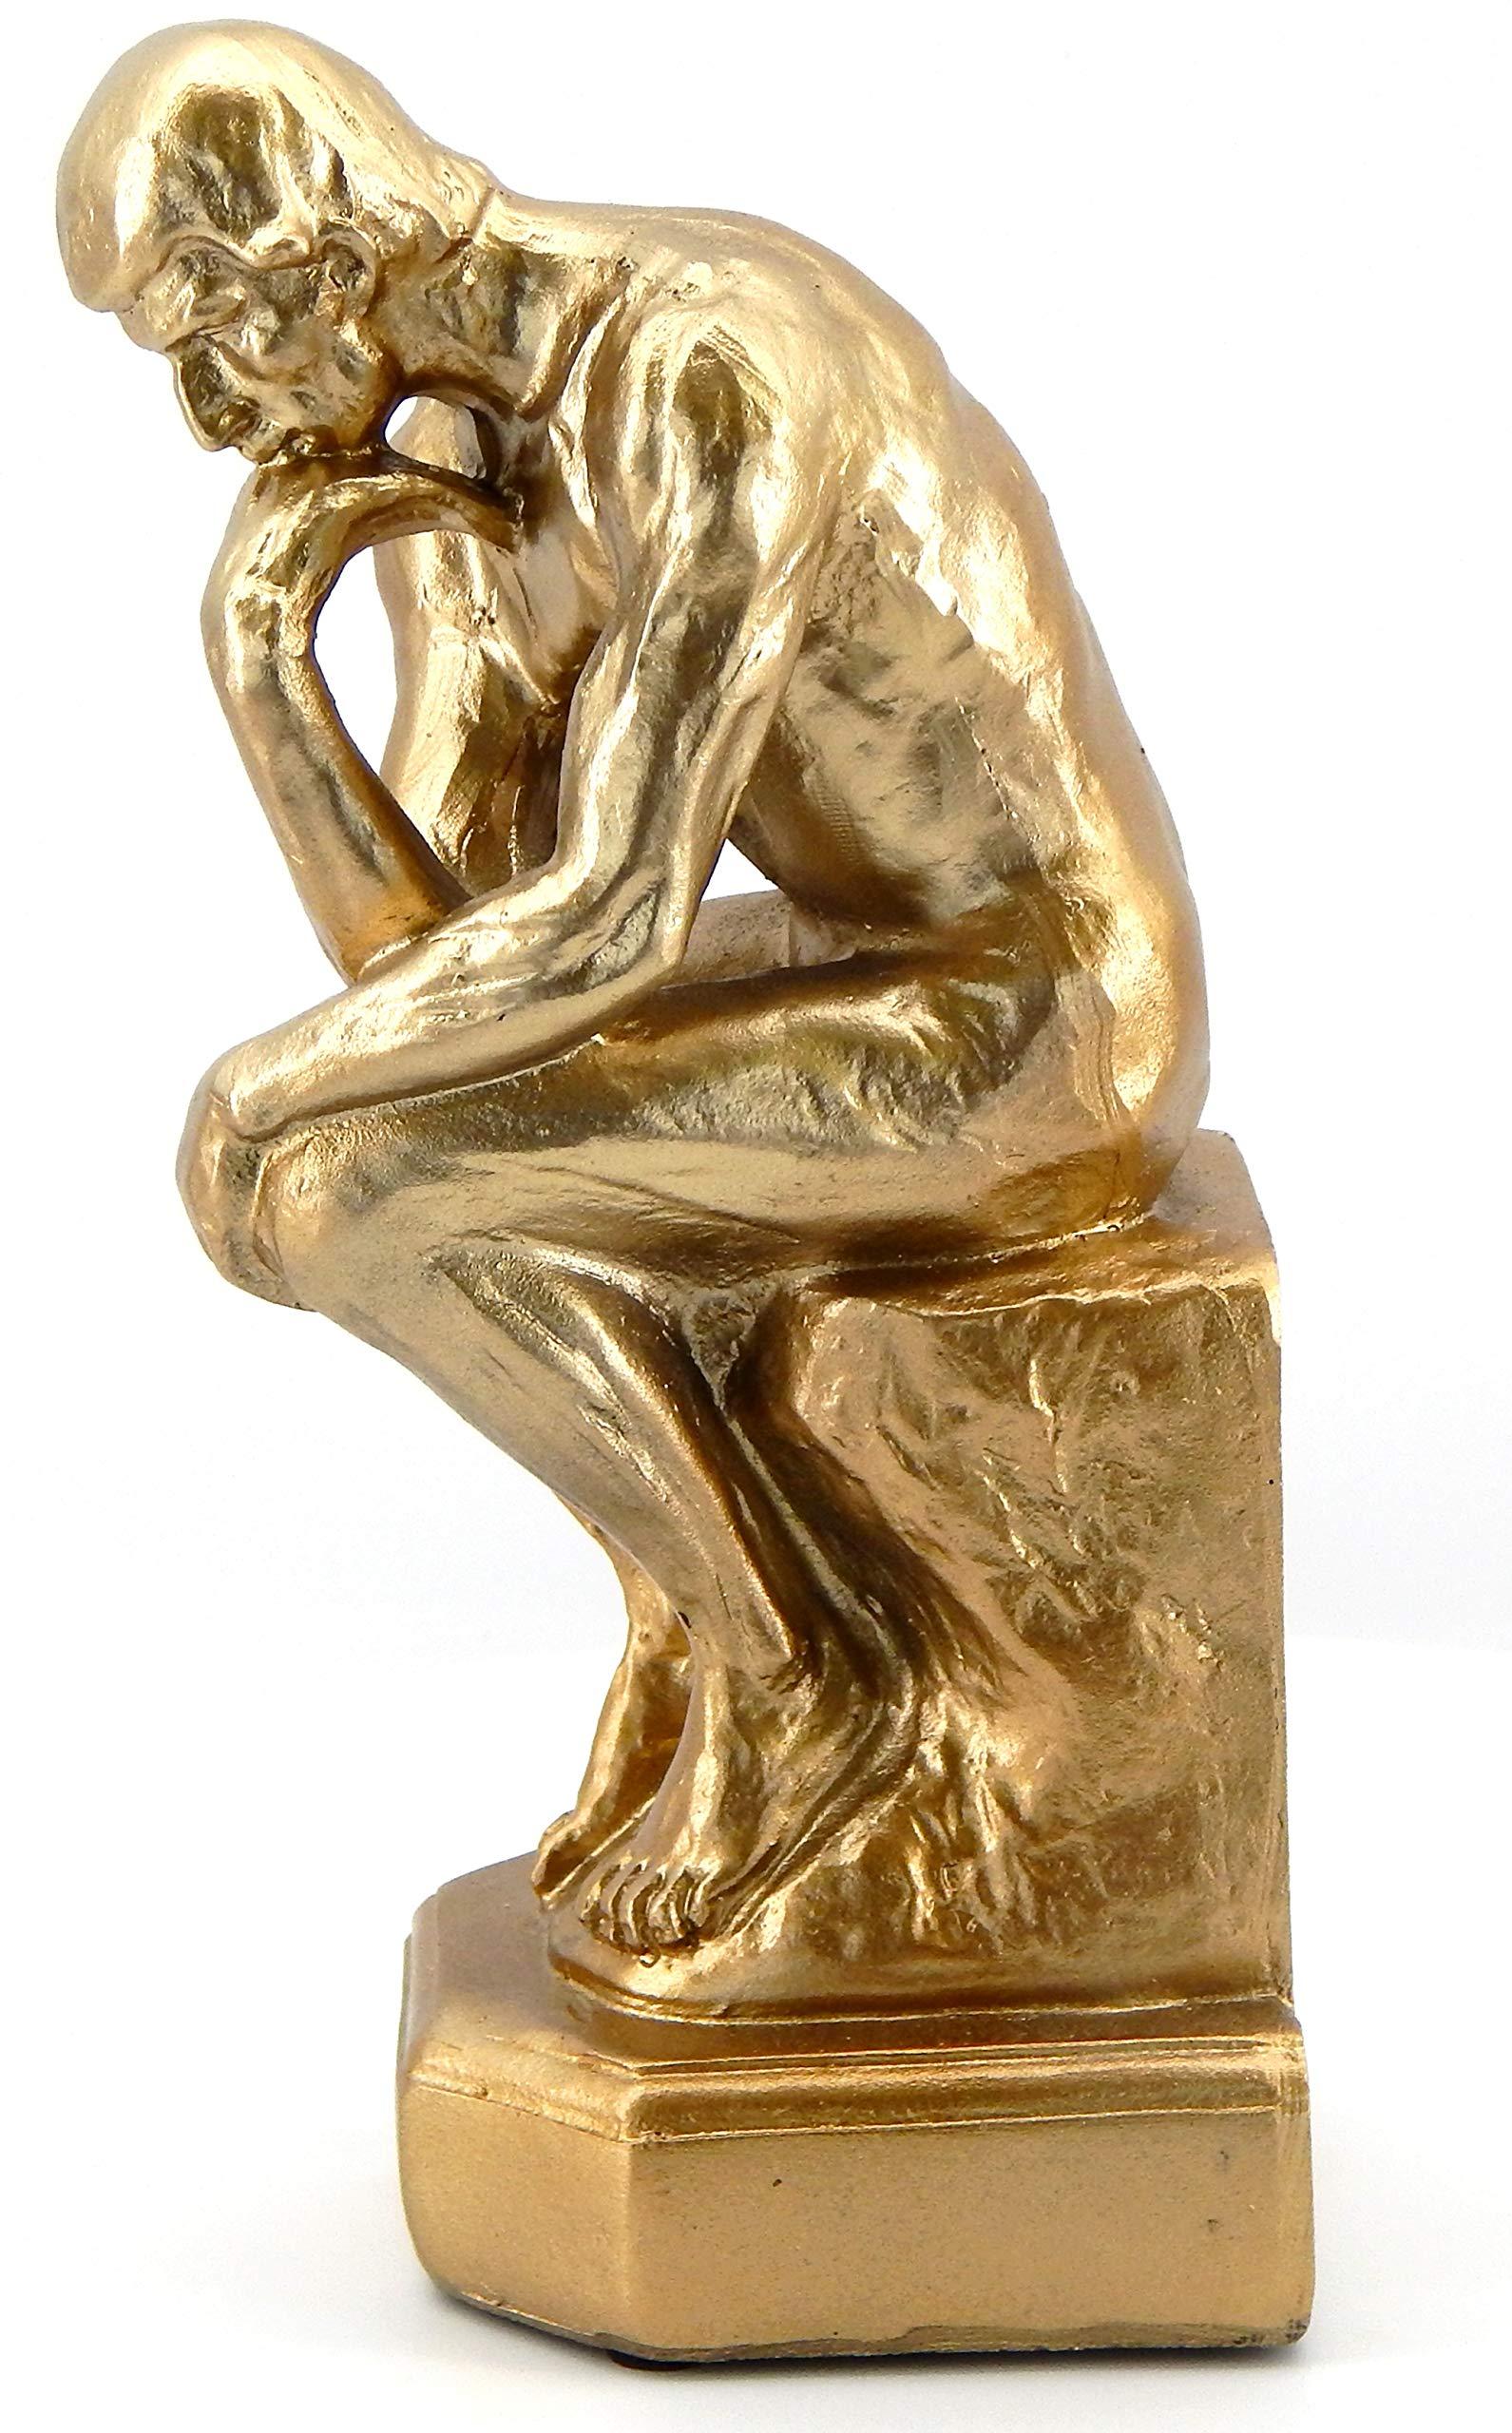 Bellaa 25587 Golden Robin The Thinker Statue Fine Art Sculpture Male 9 Inch high